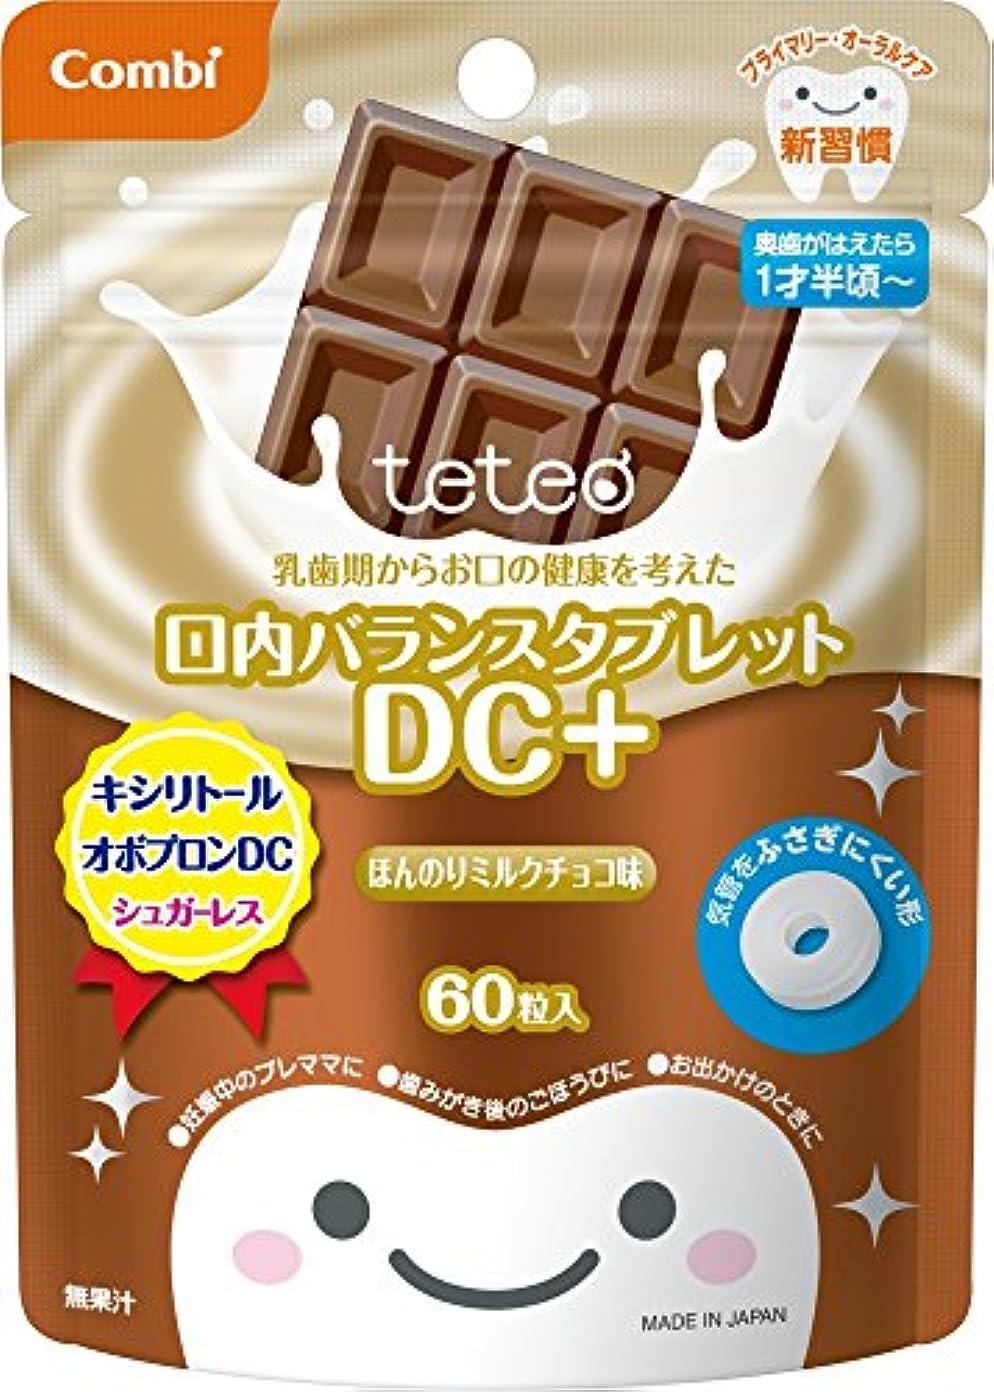 この実際にリンクコンビ テテオ 乳歯期からお口の健康を考えた口内バランスタブレット DC+ ほんのりミルクチョコ味 60粒 【対象月齢:1才半頃~】